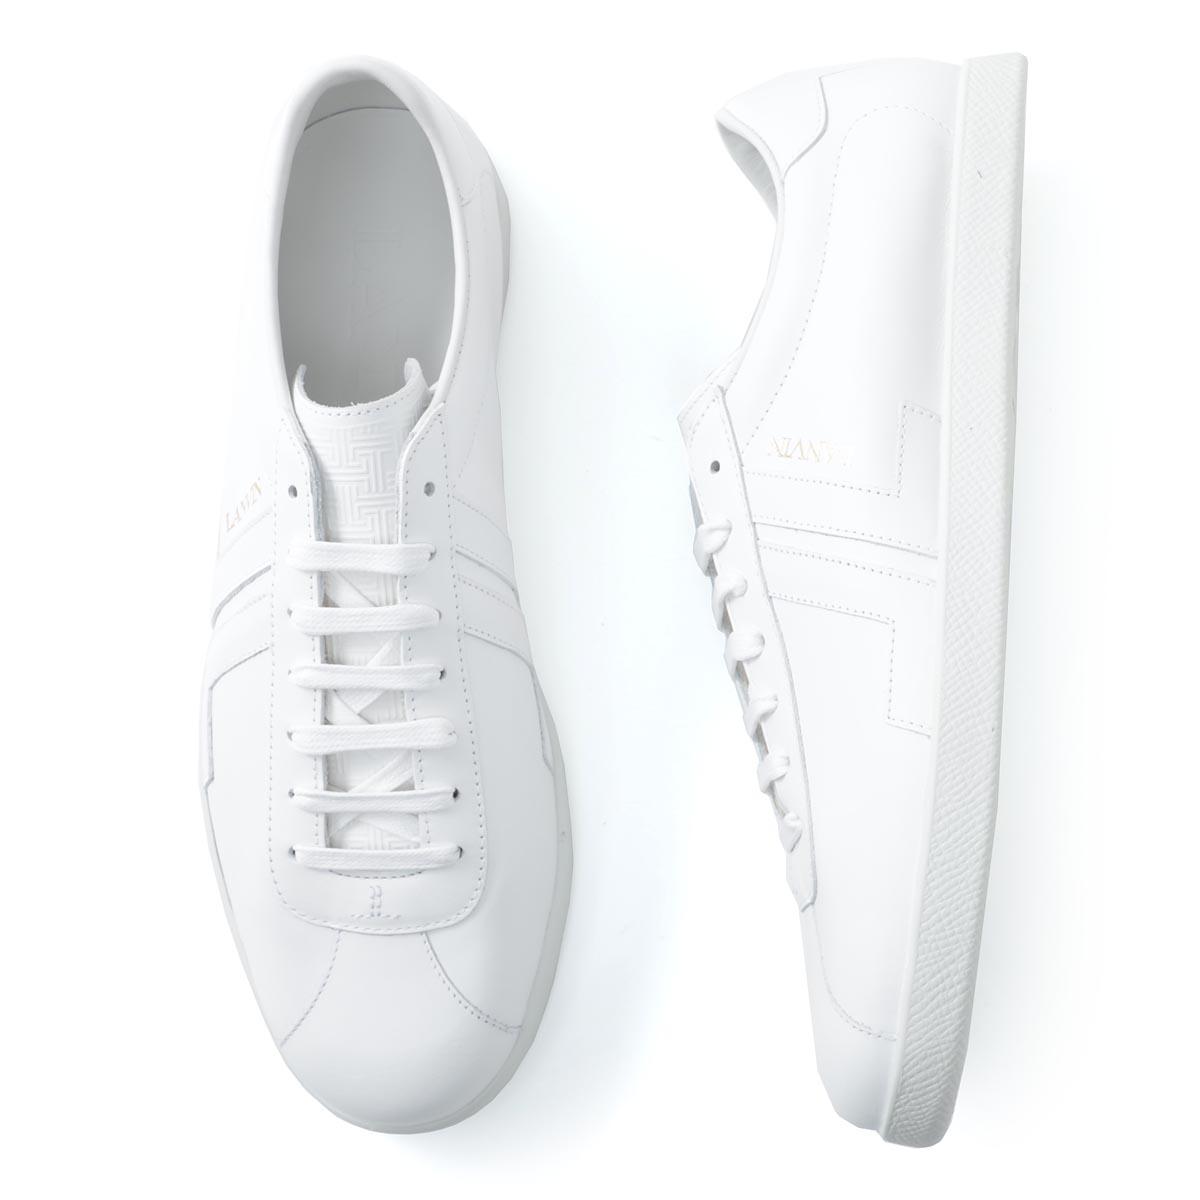 ランバン LANVIN スニーカー ホワイト メンズ シューズ 靴 カジュアル 大きいサイズあり fm skdlon maso p20 00 JL COLOR BLOCK GLEN SNEAKERS【あす楽対応_関東】【返品送料無料】【ラッピング無料】